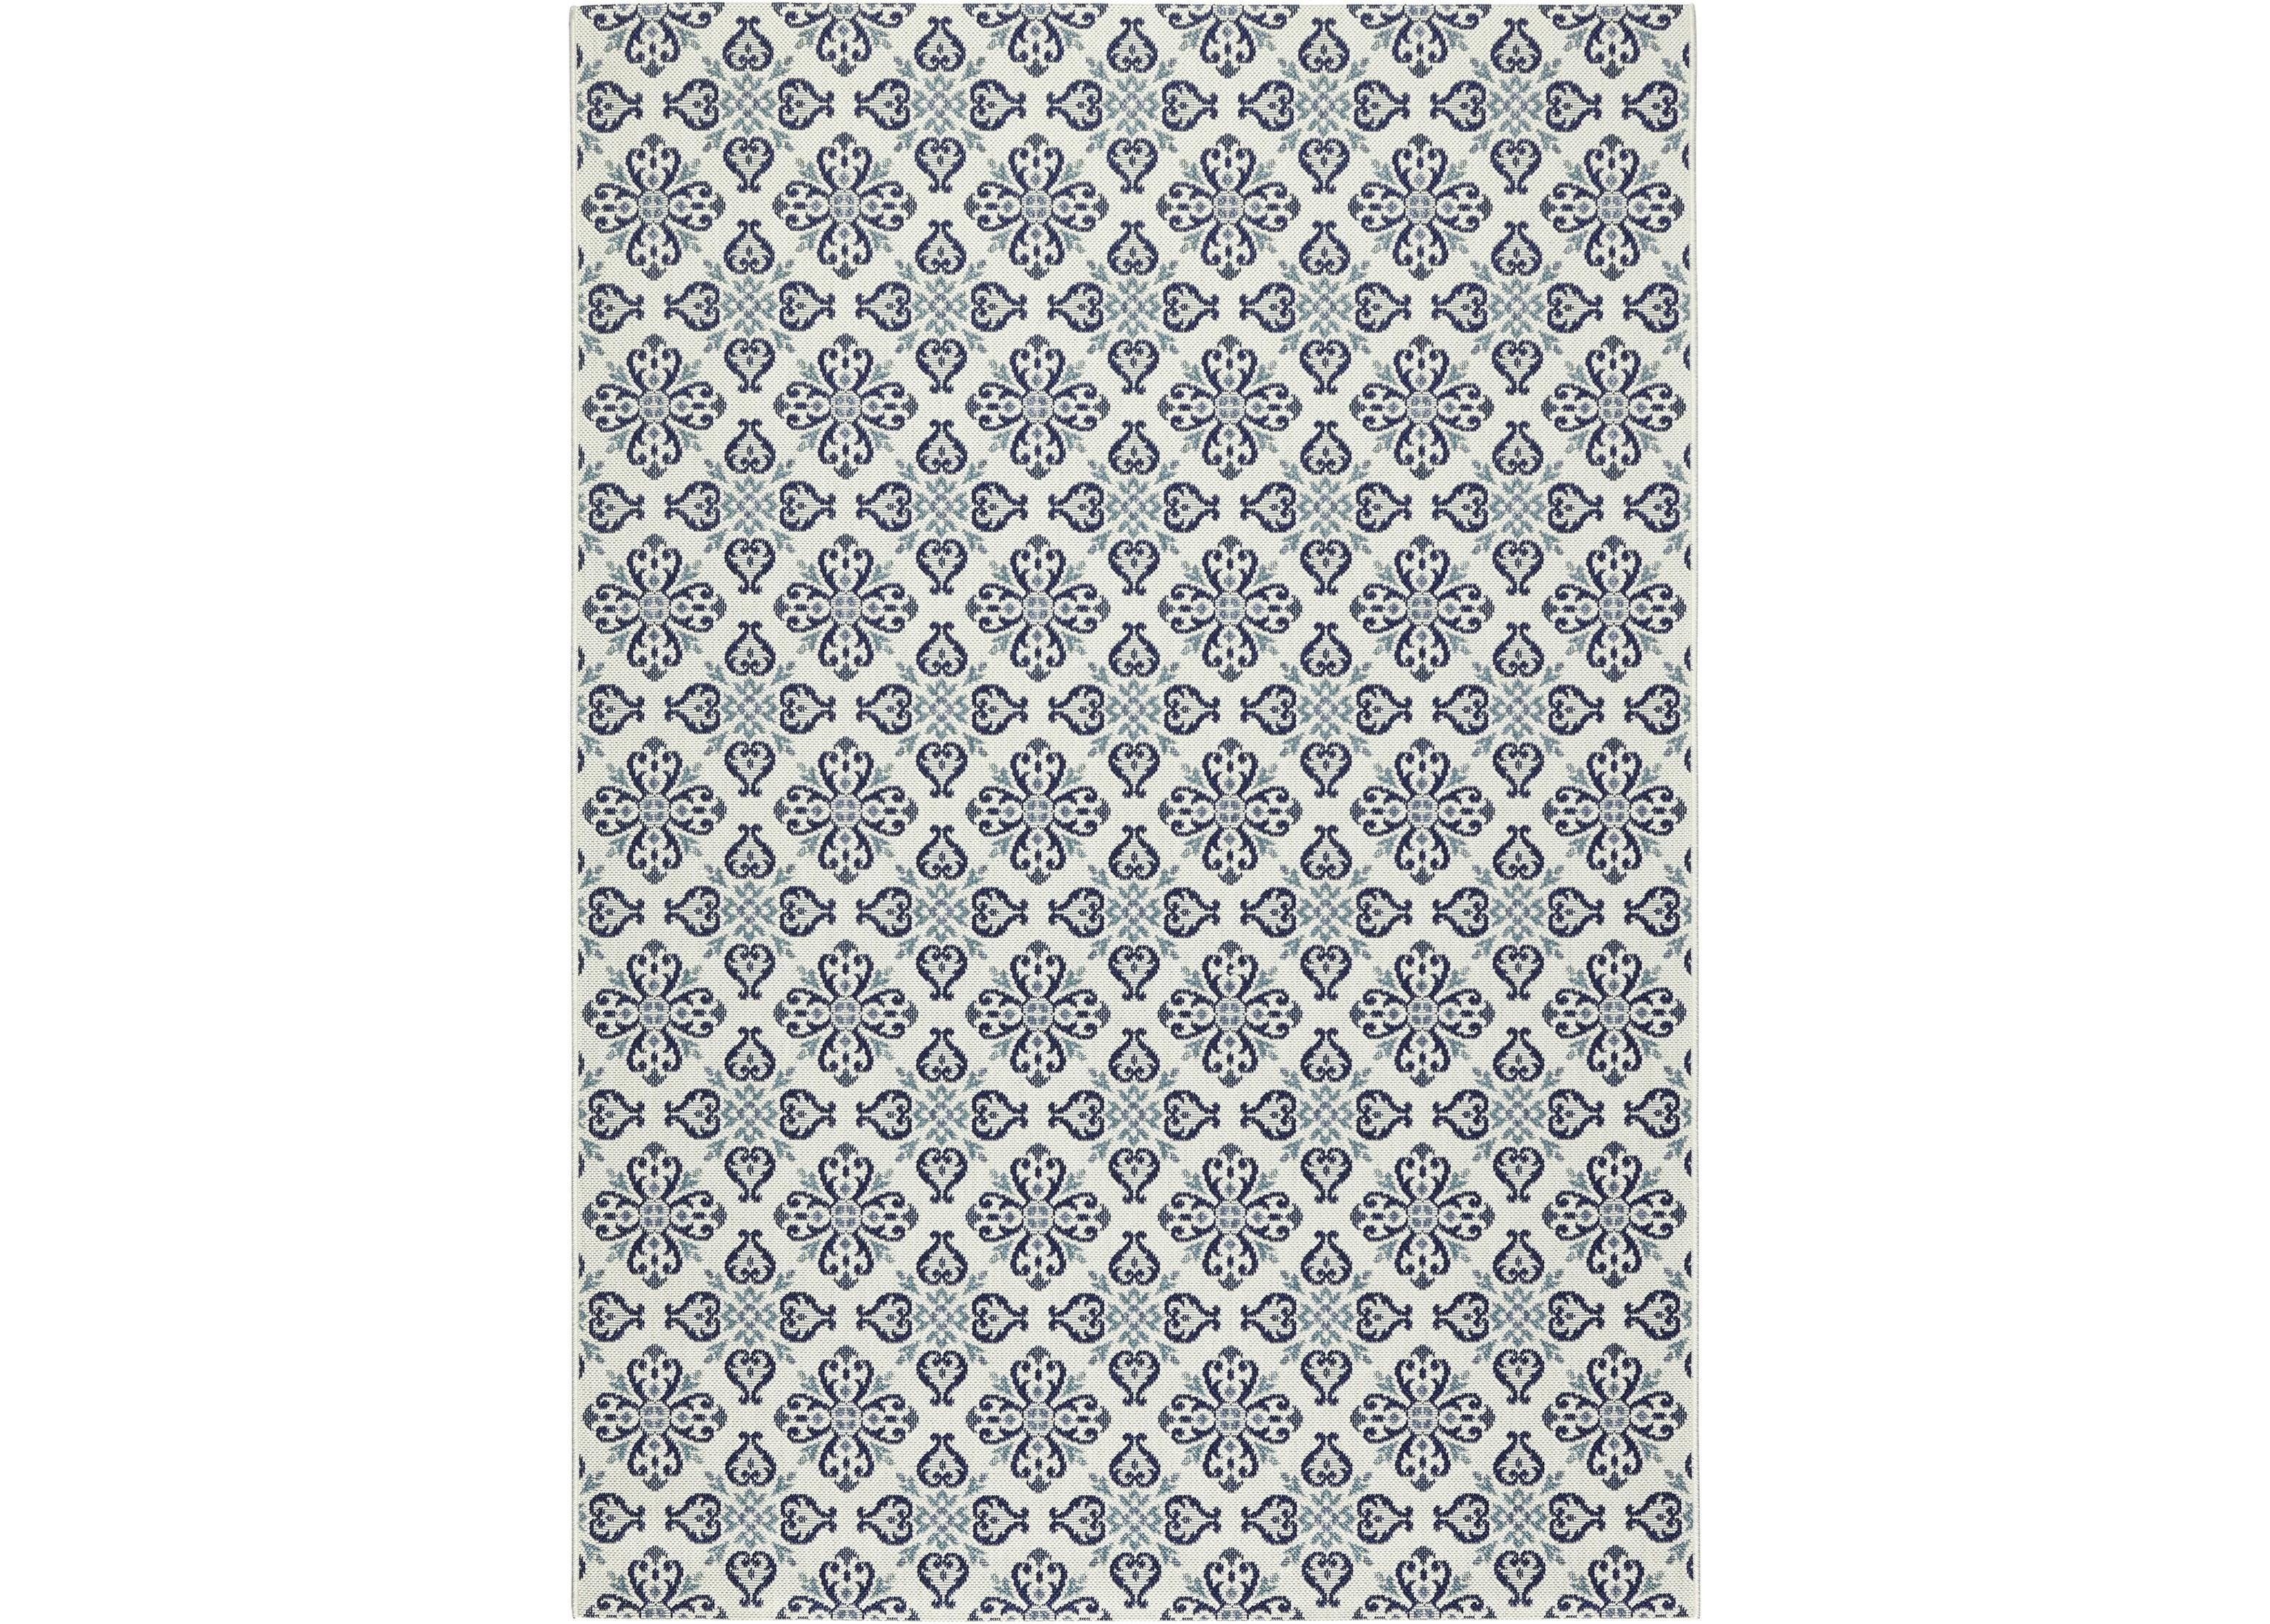 Ковер Star 150х80Прямоугольные ковры<br>Плоские ковер: легко чистятся, быстро пылесосить, массаж для ног, идеально для алергиков. Все плоскотканные ковры можно использовать внутри помещений и снаружи.&amp;amp;nbsp;&amp;lt;div&amp;gt;&amp;lt;br&amp;gt;&amp;lt;/div&amp;gt;&amp;lt;div&amp;gt;Химический состав нити устойчив к UV и температурам.&amp;amp;nbsp;&amp;lt;/div&amp;gt;&amp;lt;div&amp;gt;Можно чистить мойкой высокого давления.&amp;lt;/div&amp;gt;&amp;lt;div&amp;gt;Материал: 100% Полипропилен.&amp;lt;br&amp;gt;&amp;lt;/div&amp;gt;<br><br>Material: Текстиль<br>Ширина см: 150<br>Высота см: 1<br>Глубина см: 80